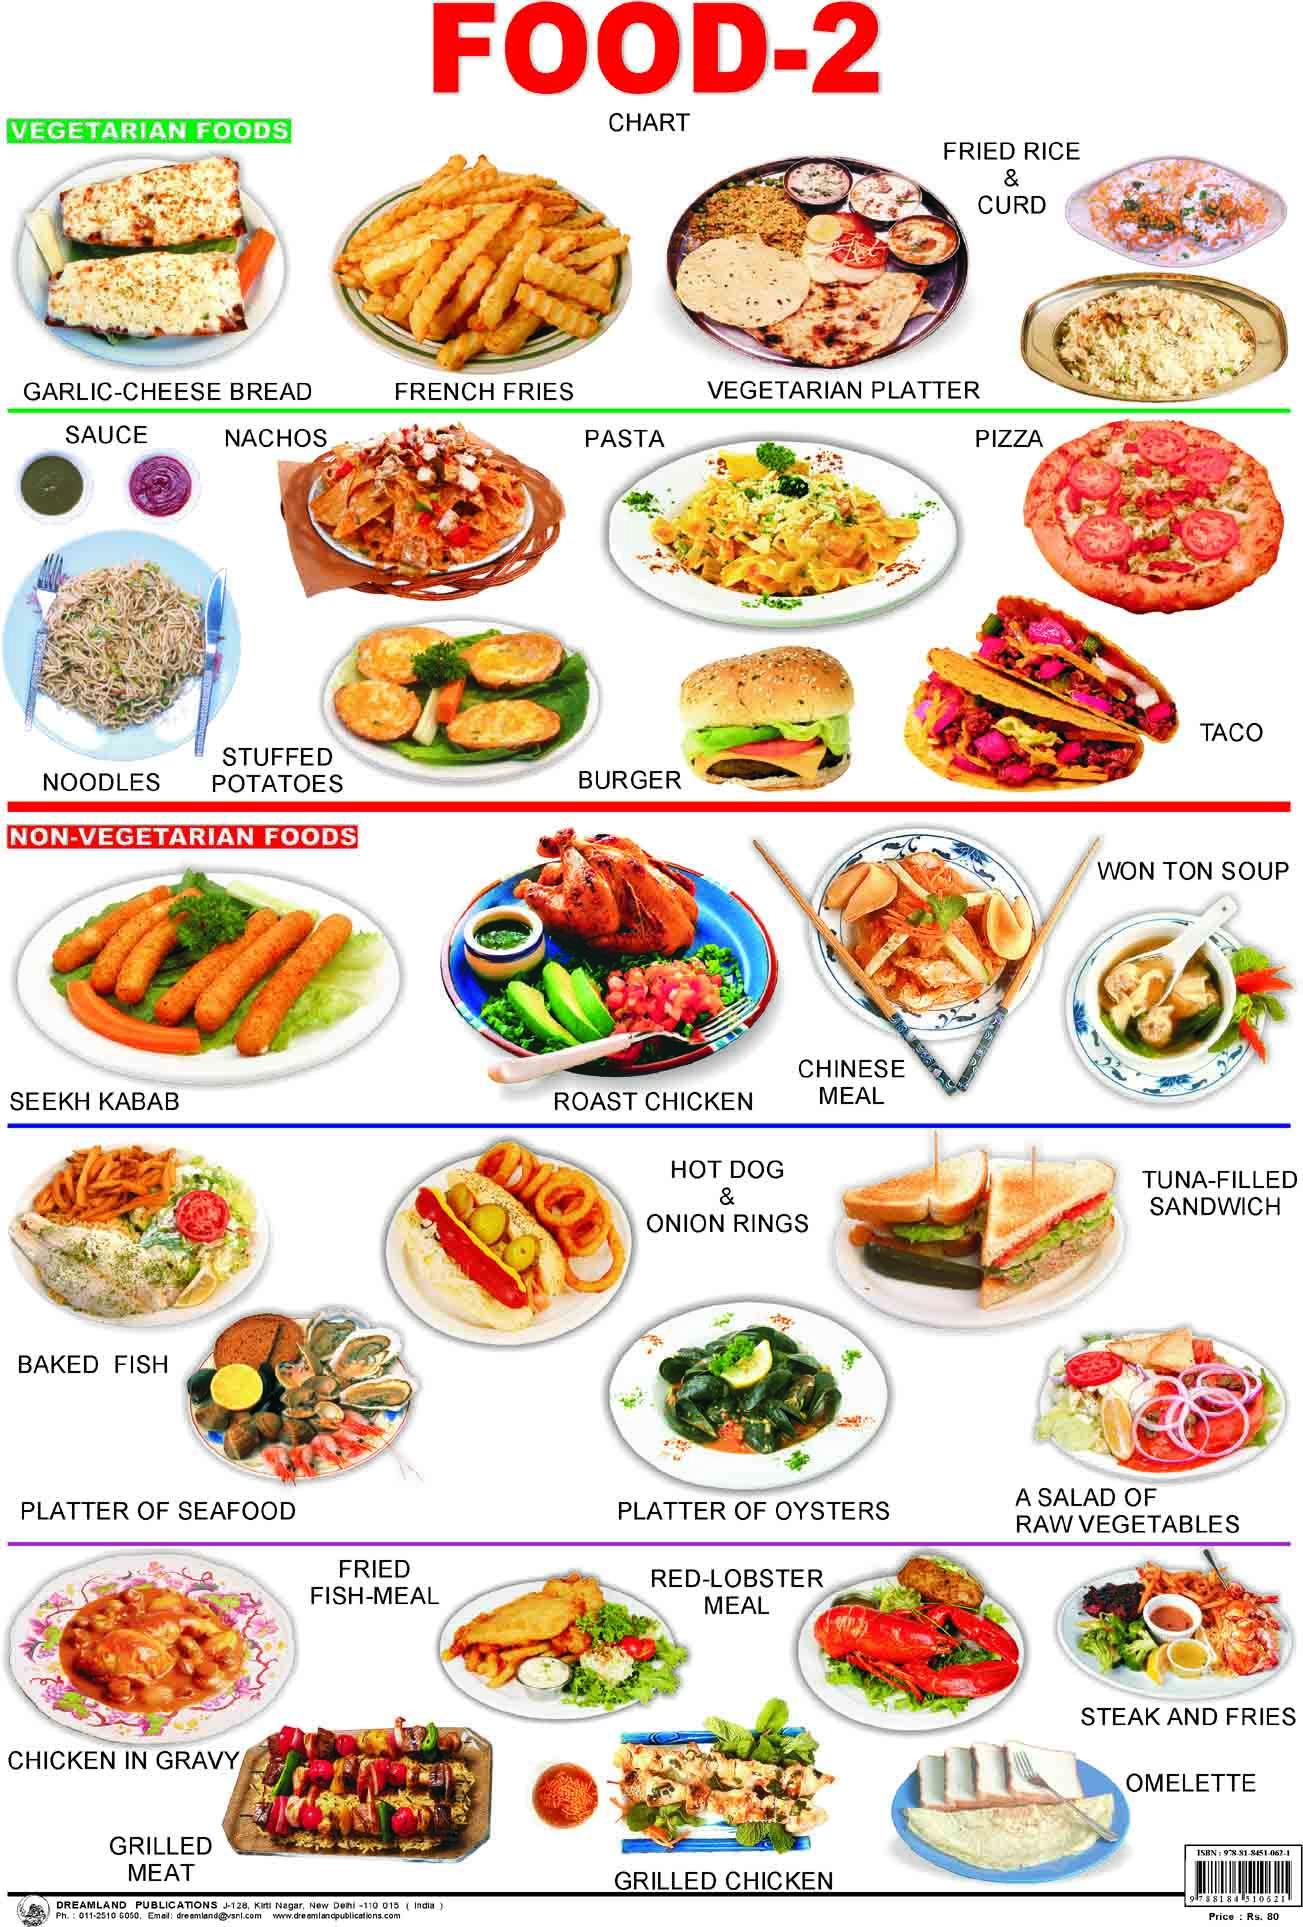 15 Best Vegan and Vegetarian Restaurants